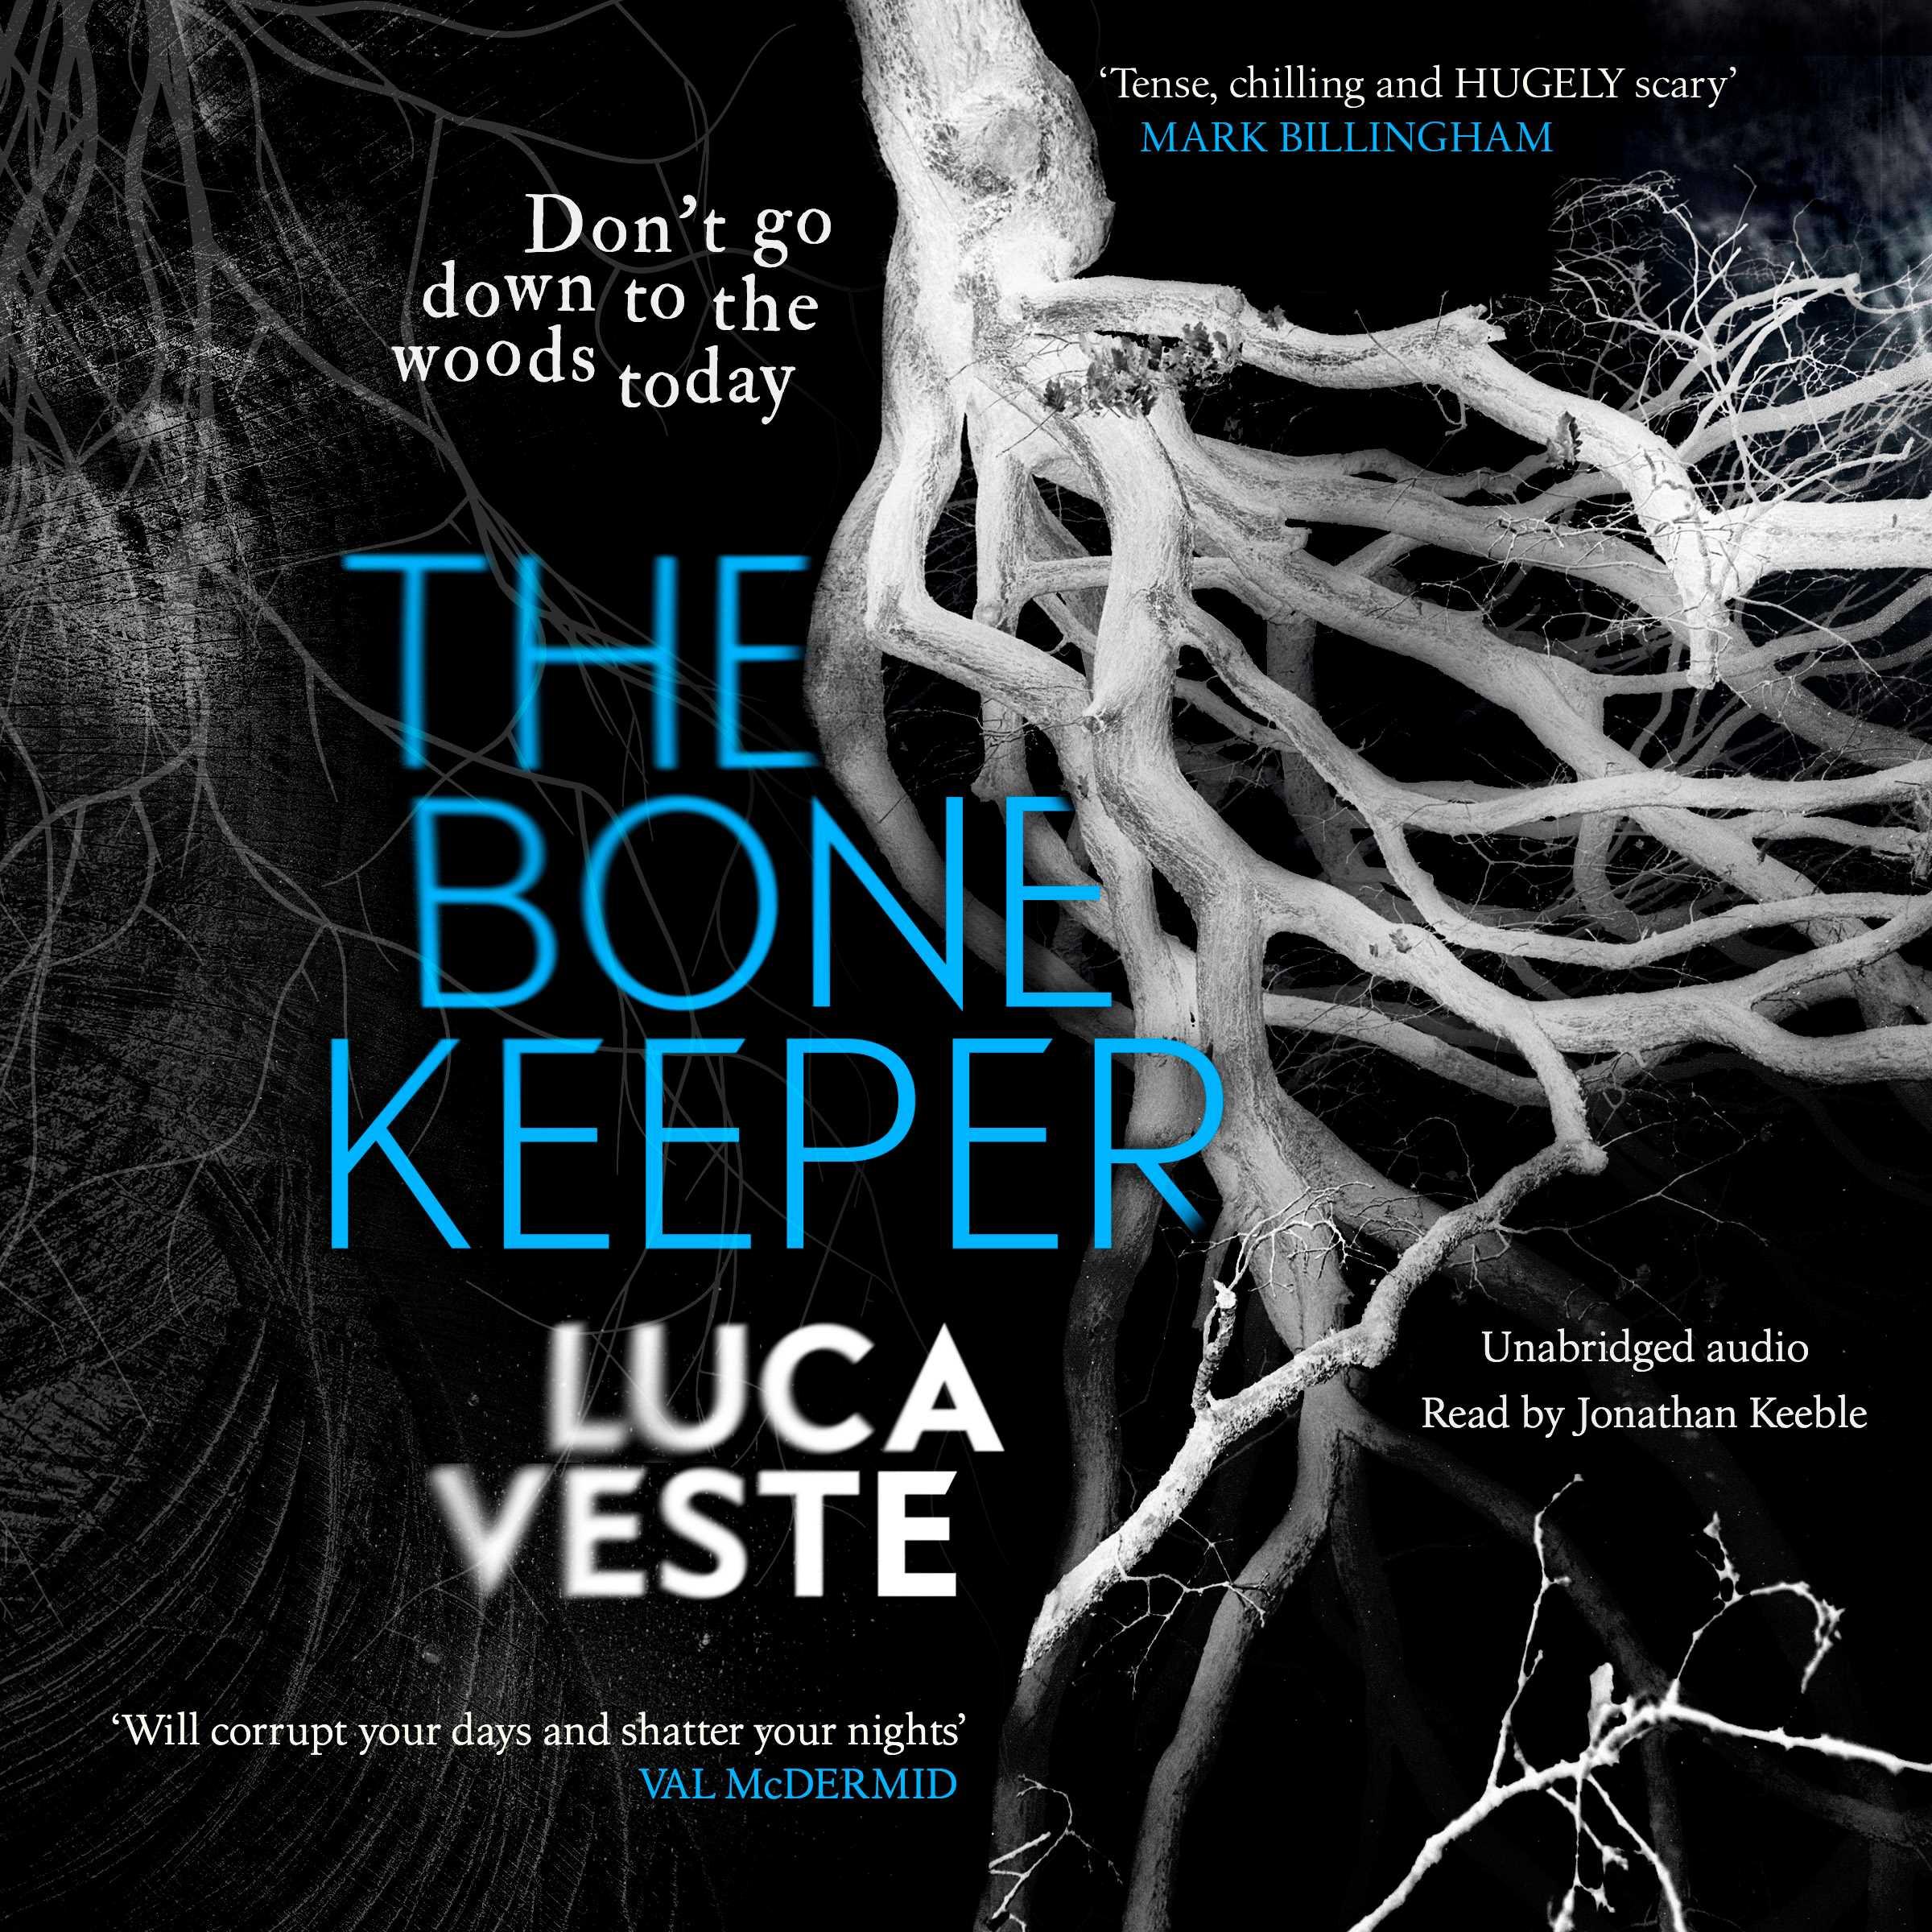 The bone keeper 9781471173745 hr